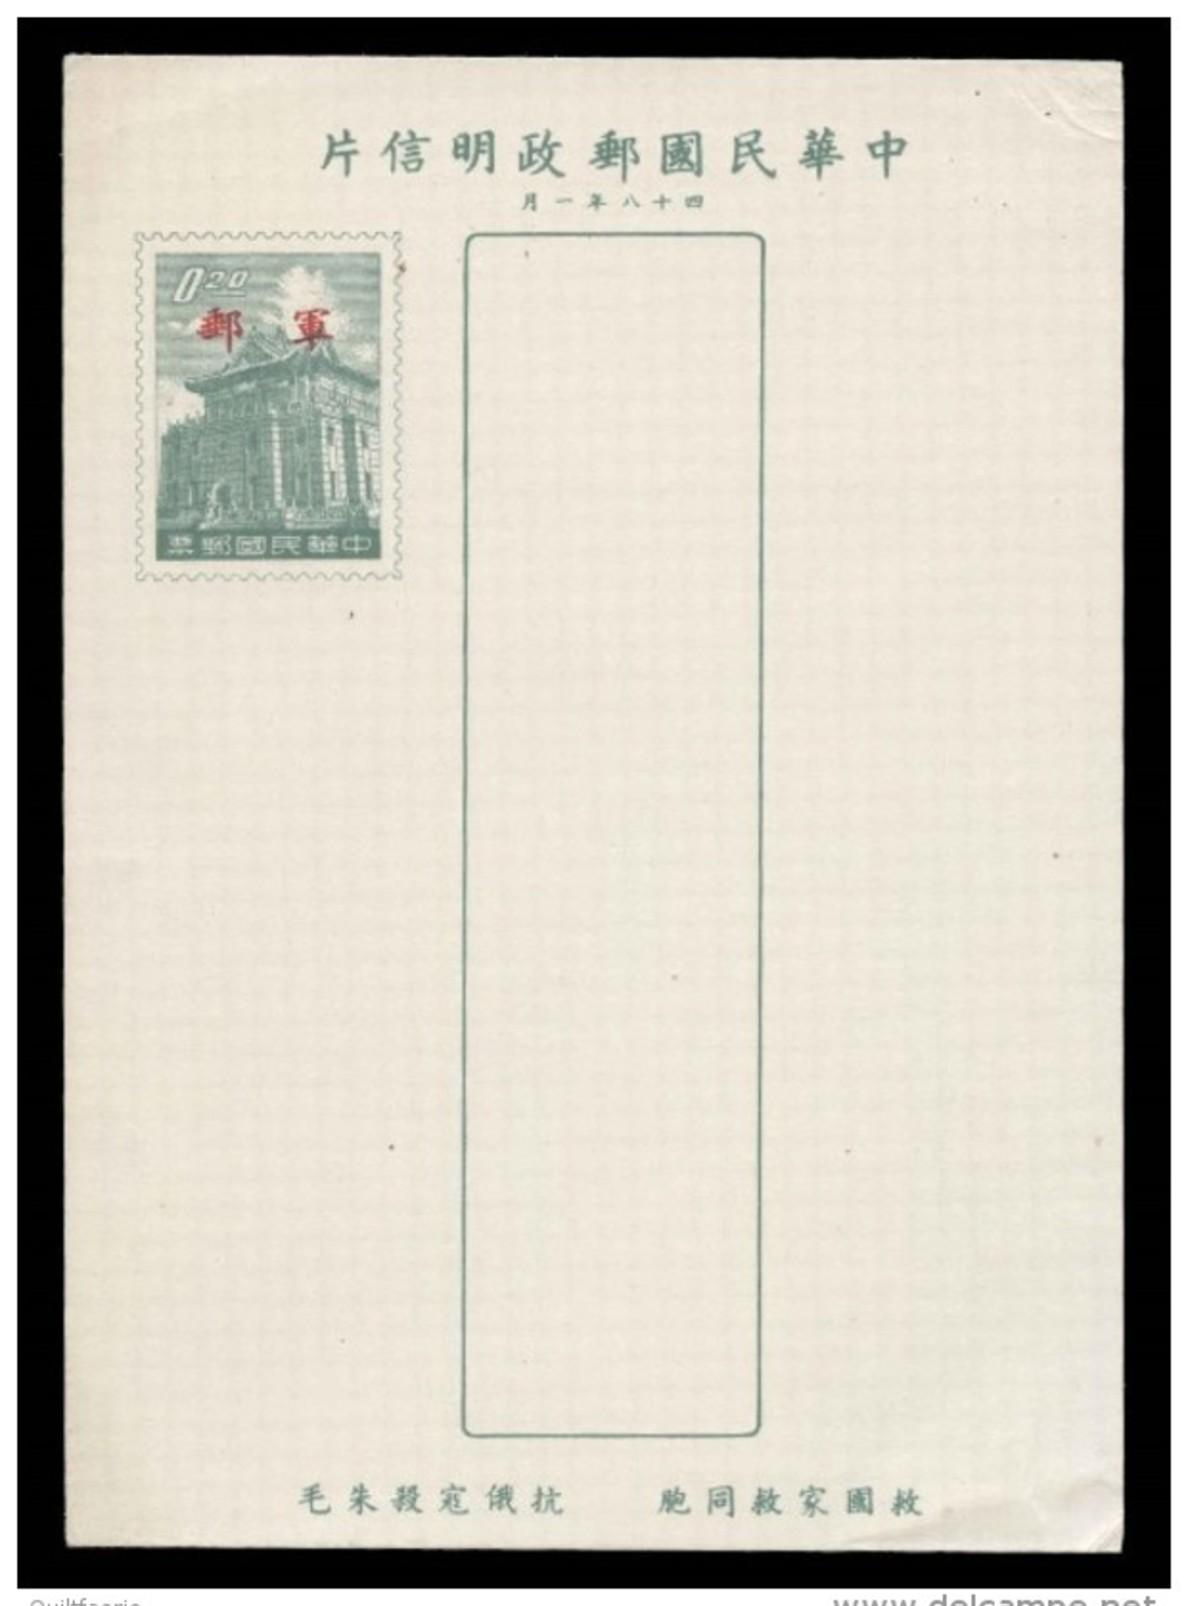 China (Taiwan) 20¢ Post Card(1959) Chu Kwang Tower, Mint - Postal Stationery